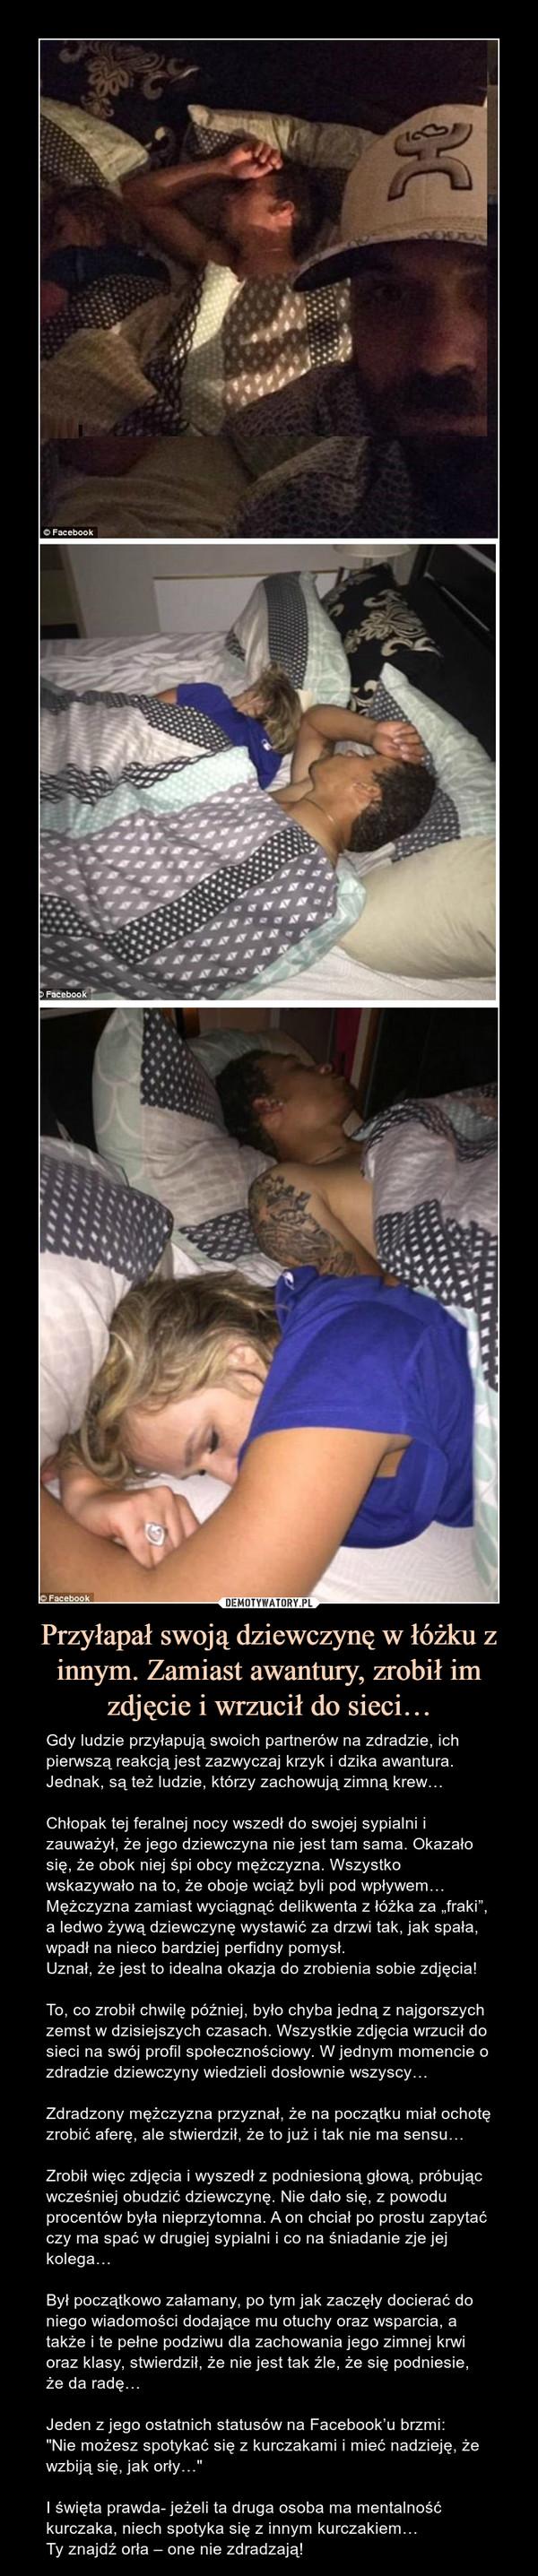 """Przyłapał swoją dziewczynę w łóżku z innym. Zamiast awantury, zrobił im zdjęcie i wrzucił do sieci… – Gdy ludzie przyłapują swoich partnerów na zdradzie, ich pierwszą reakcją jest zazwyczaj krzyk i dzika awantura. Jednak, są też ludzie, którzy zachowują zimną krew…Chłopak tej feralnej nocy wszedł do swojej sypialni i zauważył, że jego dziewczyna nie jest tam sama. Okazało się, że obok niej śpi obcy mężczyzna. Wszystko wskazywało na to, że oboje wciąż byli pod wpływem… Mężczyzna zamiast wyciągnąć delikwenta z łóżka za """"fraki"""", a ledwo żywą dziewczynę wystawić za drzwi tak, jak spała, wpadł na nieco bardziej perfidny pomysł.Uznał, że jest to idealna okazja do zrobienia sobie zdjęcia!To, co zrobił chwilę później, było chyba jedną z najgorszych zemst w dzisiejszych czasach. Wszystkie zdjęcia wrzucił do sieci na swój profil społecznościowy. W jednym momencie o zdradzie dziewczyny wiedzieli dosłownie wszyscy…Zdradzony mężczyzna przyznał, że na początku miał ochotę zrobić aferę, ale stwierdził, że to już i tak nie ma sensu…Zrobił więc zdjęcia i wyszedł z podniesioną głową, próbując wcześniej obudzić dziewczynę. Nie dało się, z powodu procentów była nieprzytomna. A on chciał po prostu zapytać czy ma spać w drugiej sypialni i co na śniadanie zje jej kolega…Był początkowo załamany, po tym jak zaczęły docierać do niego wiadomości dodające mu otuchy oraz wsparcia, a także i te pełne podziwu dla zachowania jego zimnej krwi oraz klasy, stwierdził, że nie jest tak źle, że się podniesie, że da radę…Jeden z jego ostatnich statusów na Facebook'u brzmi:""""Nie możesz spotykać się z kurczakami i mieć nadzieję, że wzbiją się, jak orły…""""I święta prawda- jeżeli ta druga osoba ma mentalność kurczaka, niech spotyka się z innym kurczakiem…Ty znajdź orła – one nie zdradzają!"""